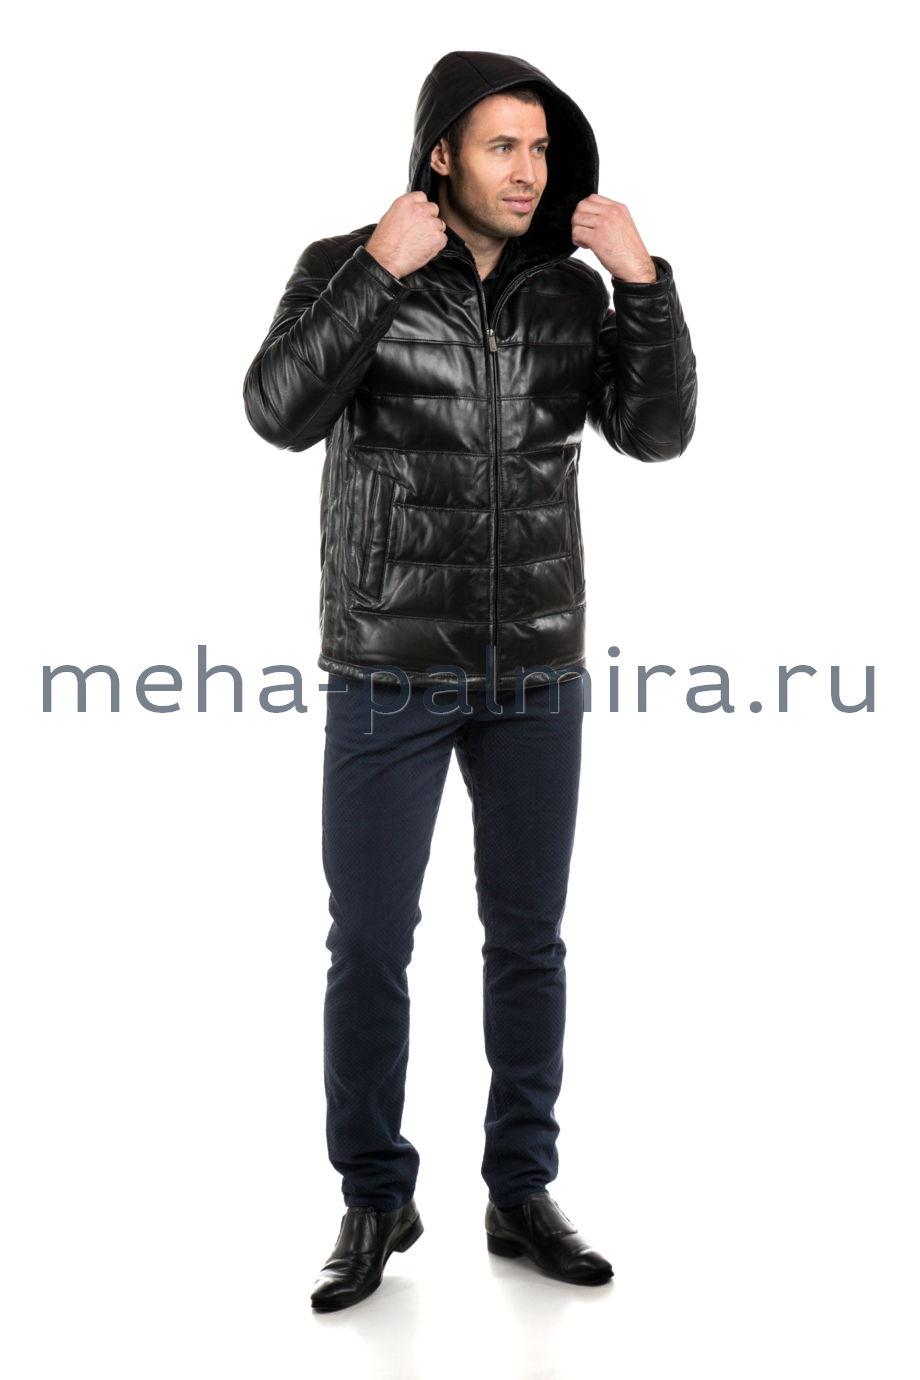 Кожаный пуховик с капюшоном на молнии, чёрный